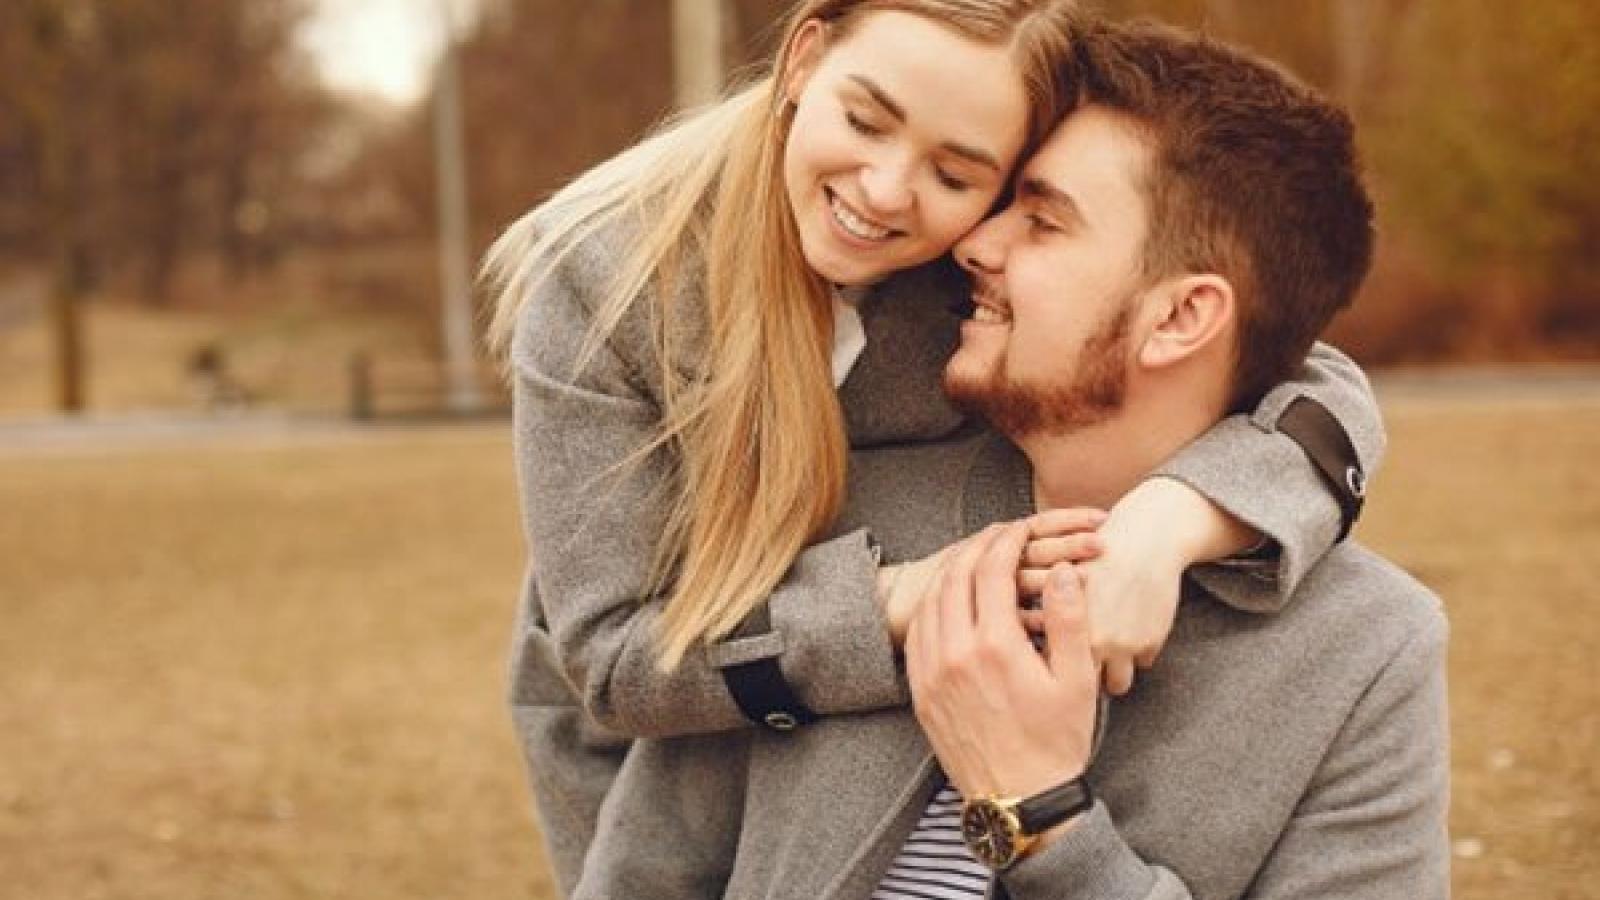 10 tuyệt chiêu khiến chàng luôn yêu bạn như thuở ban đầu